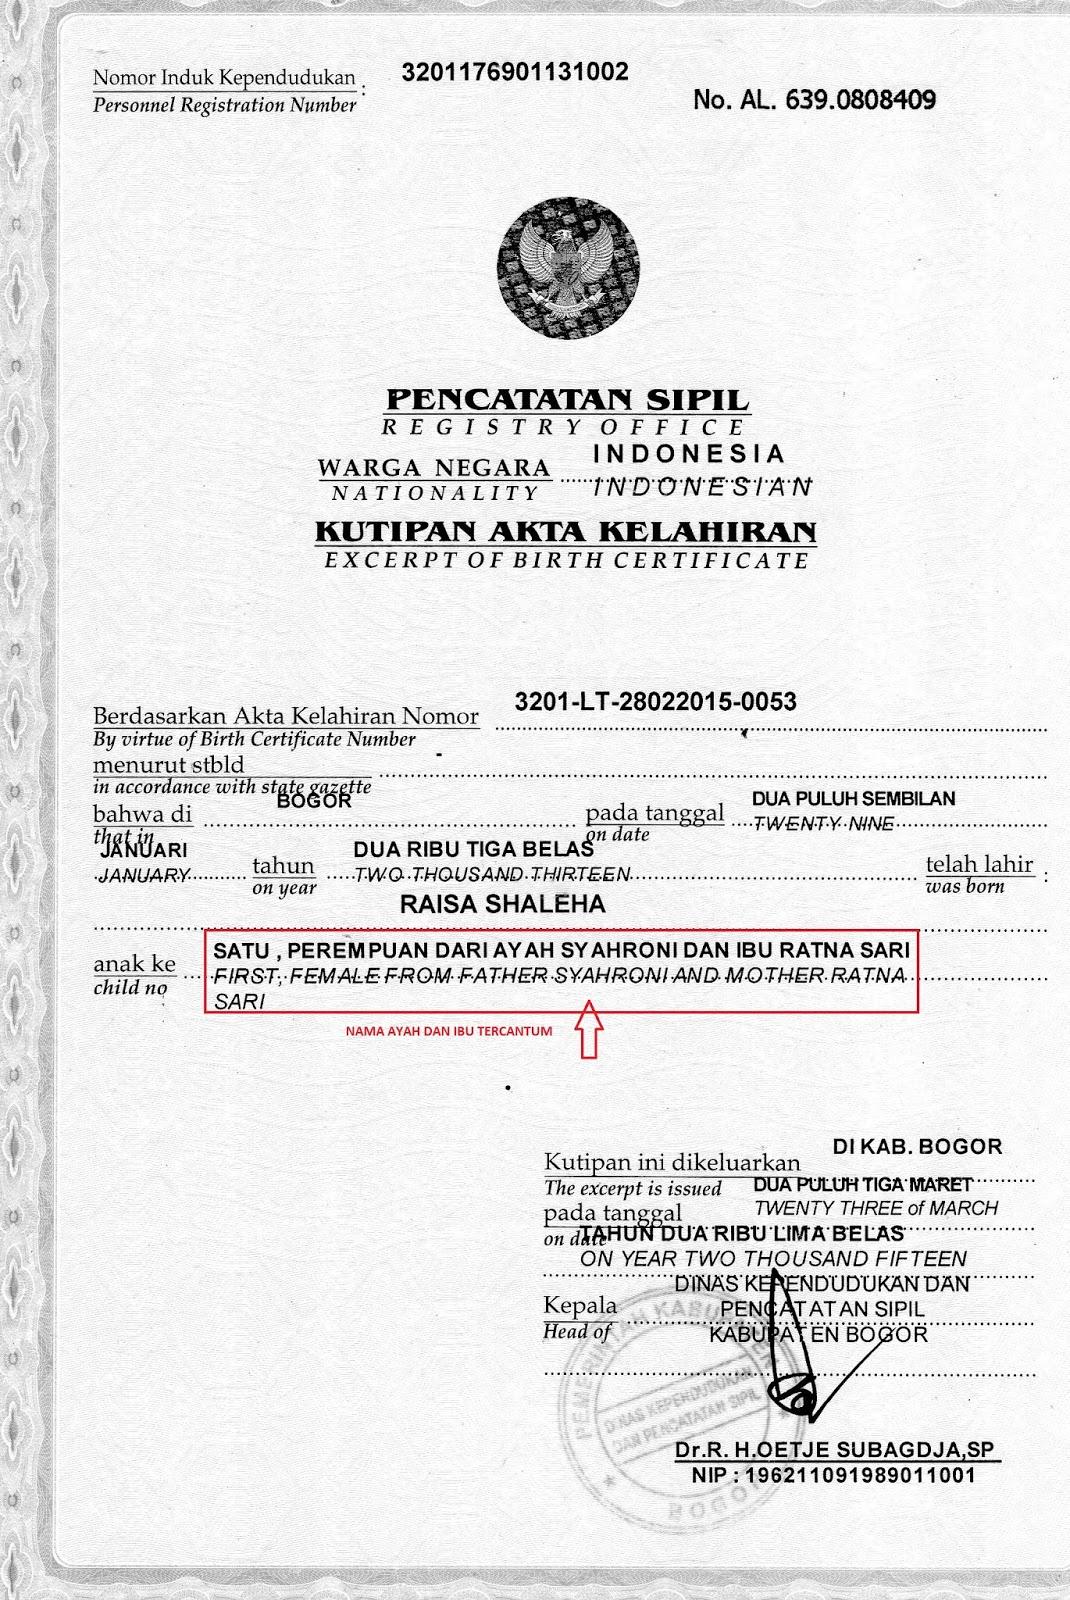 Contoh Surat Keterangan Pengganti Akte Kelahiran - Bagikan ...